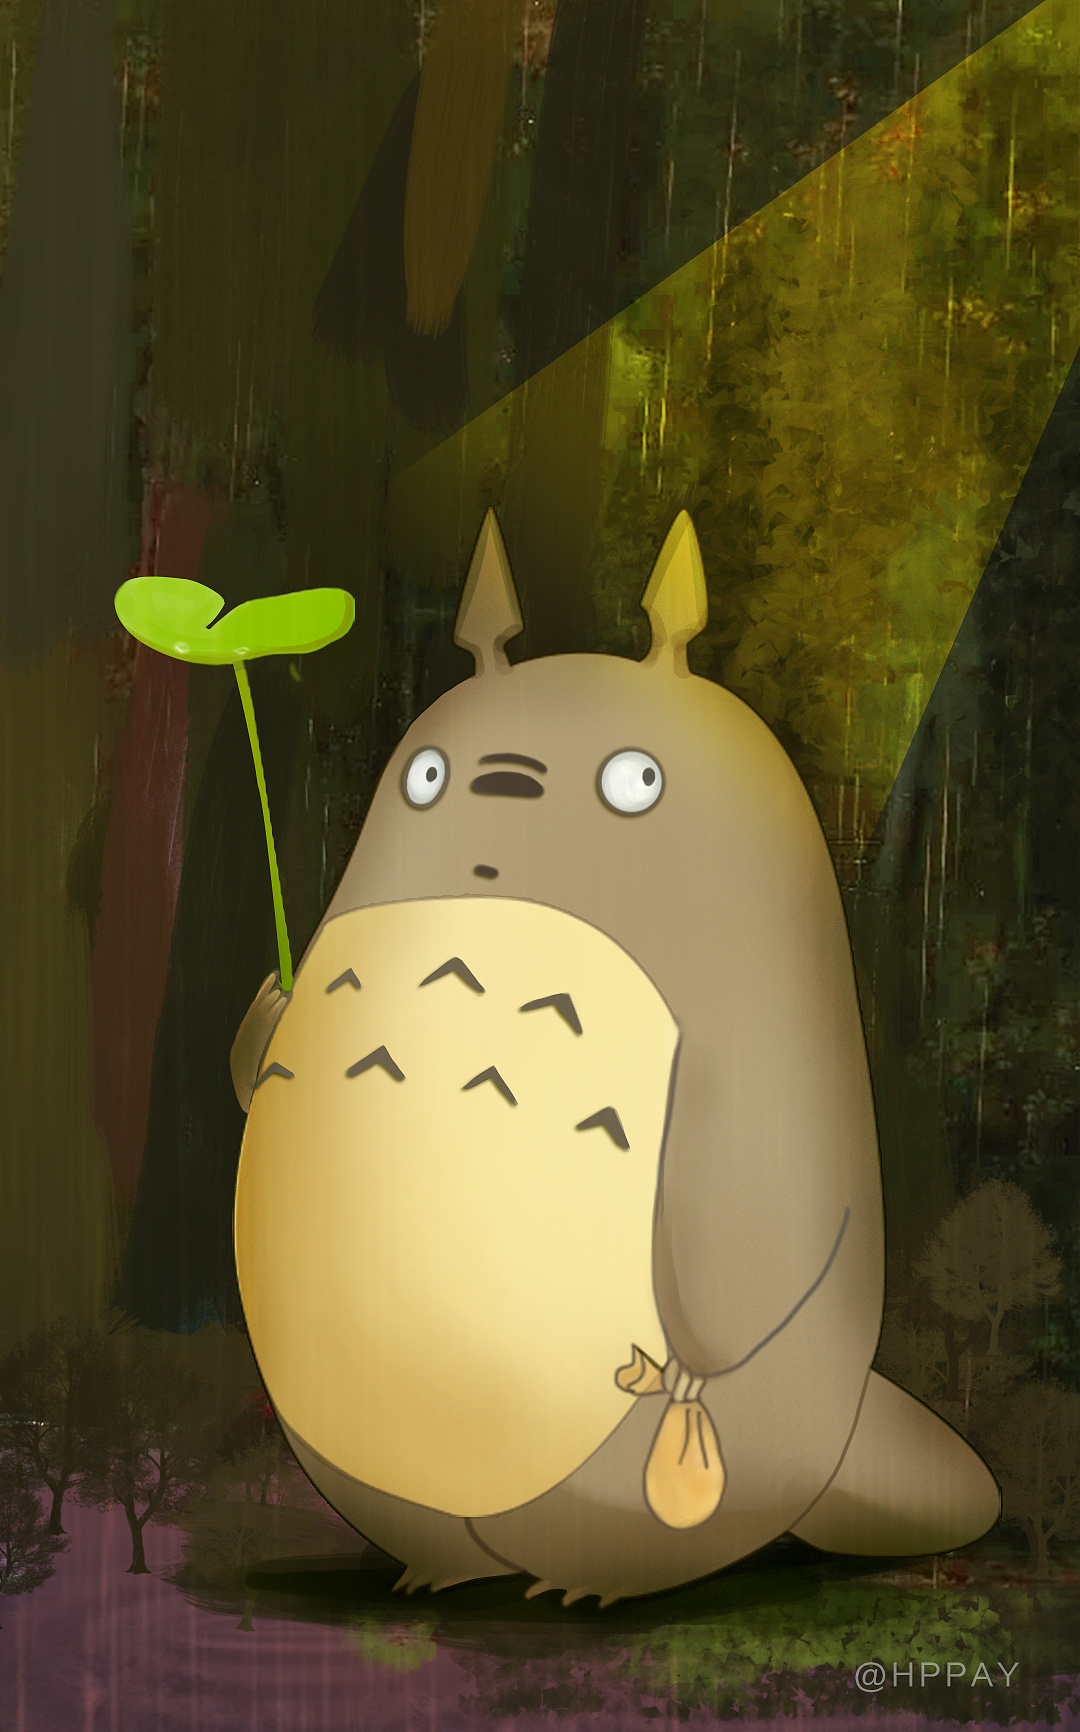 手机壁纸可爱卡通龙猫图片展示